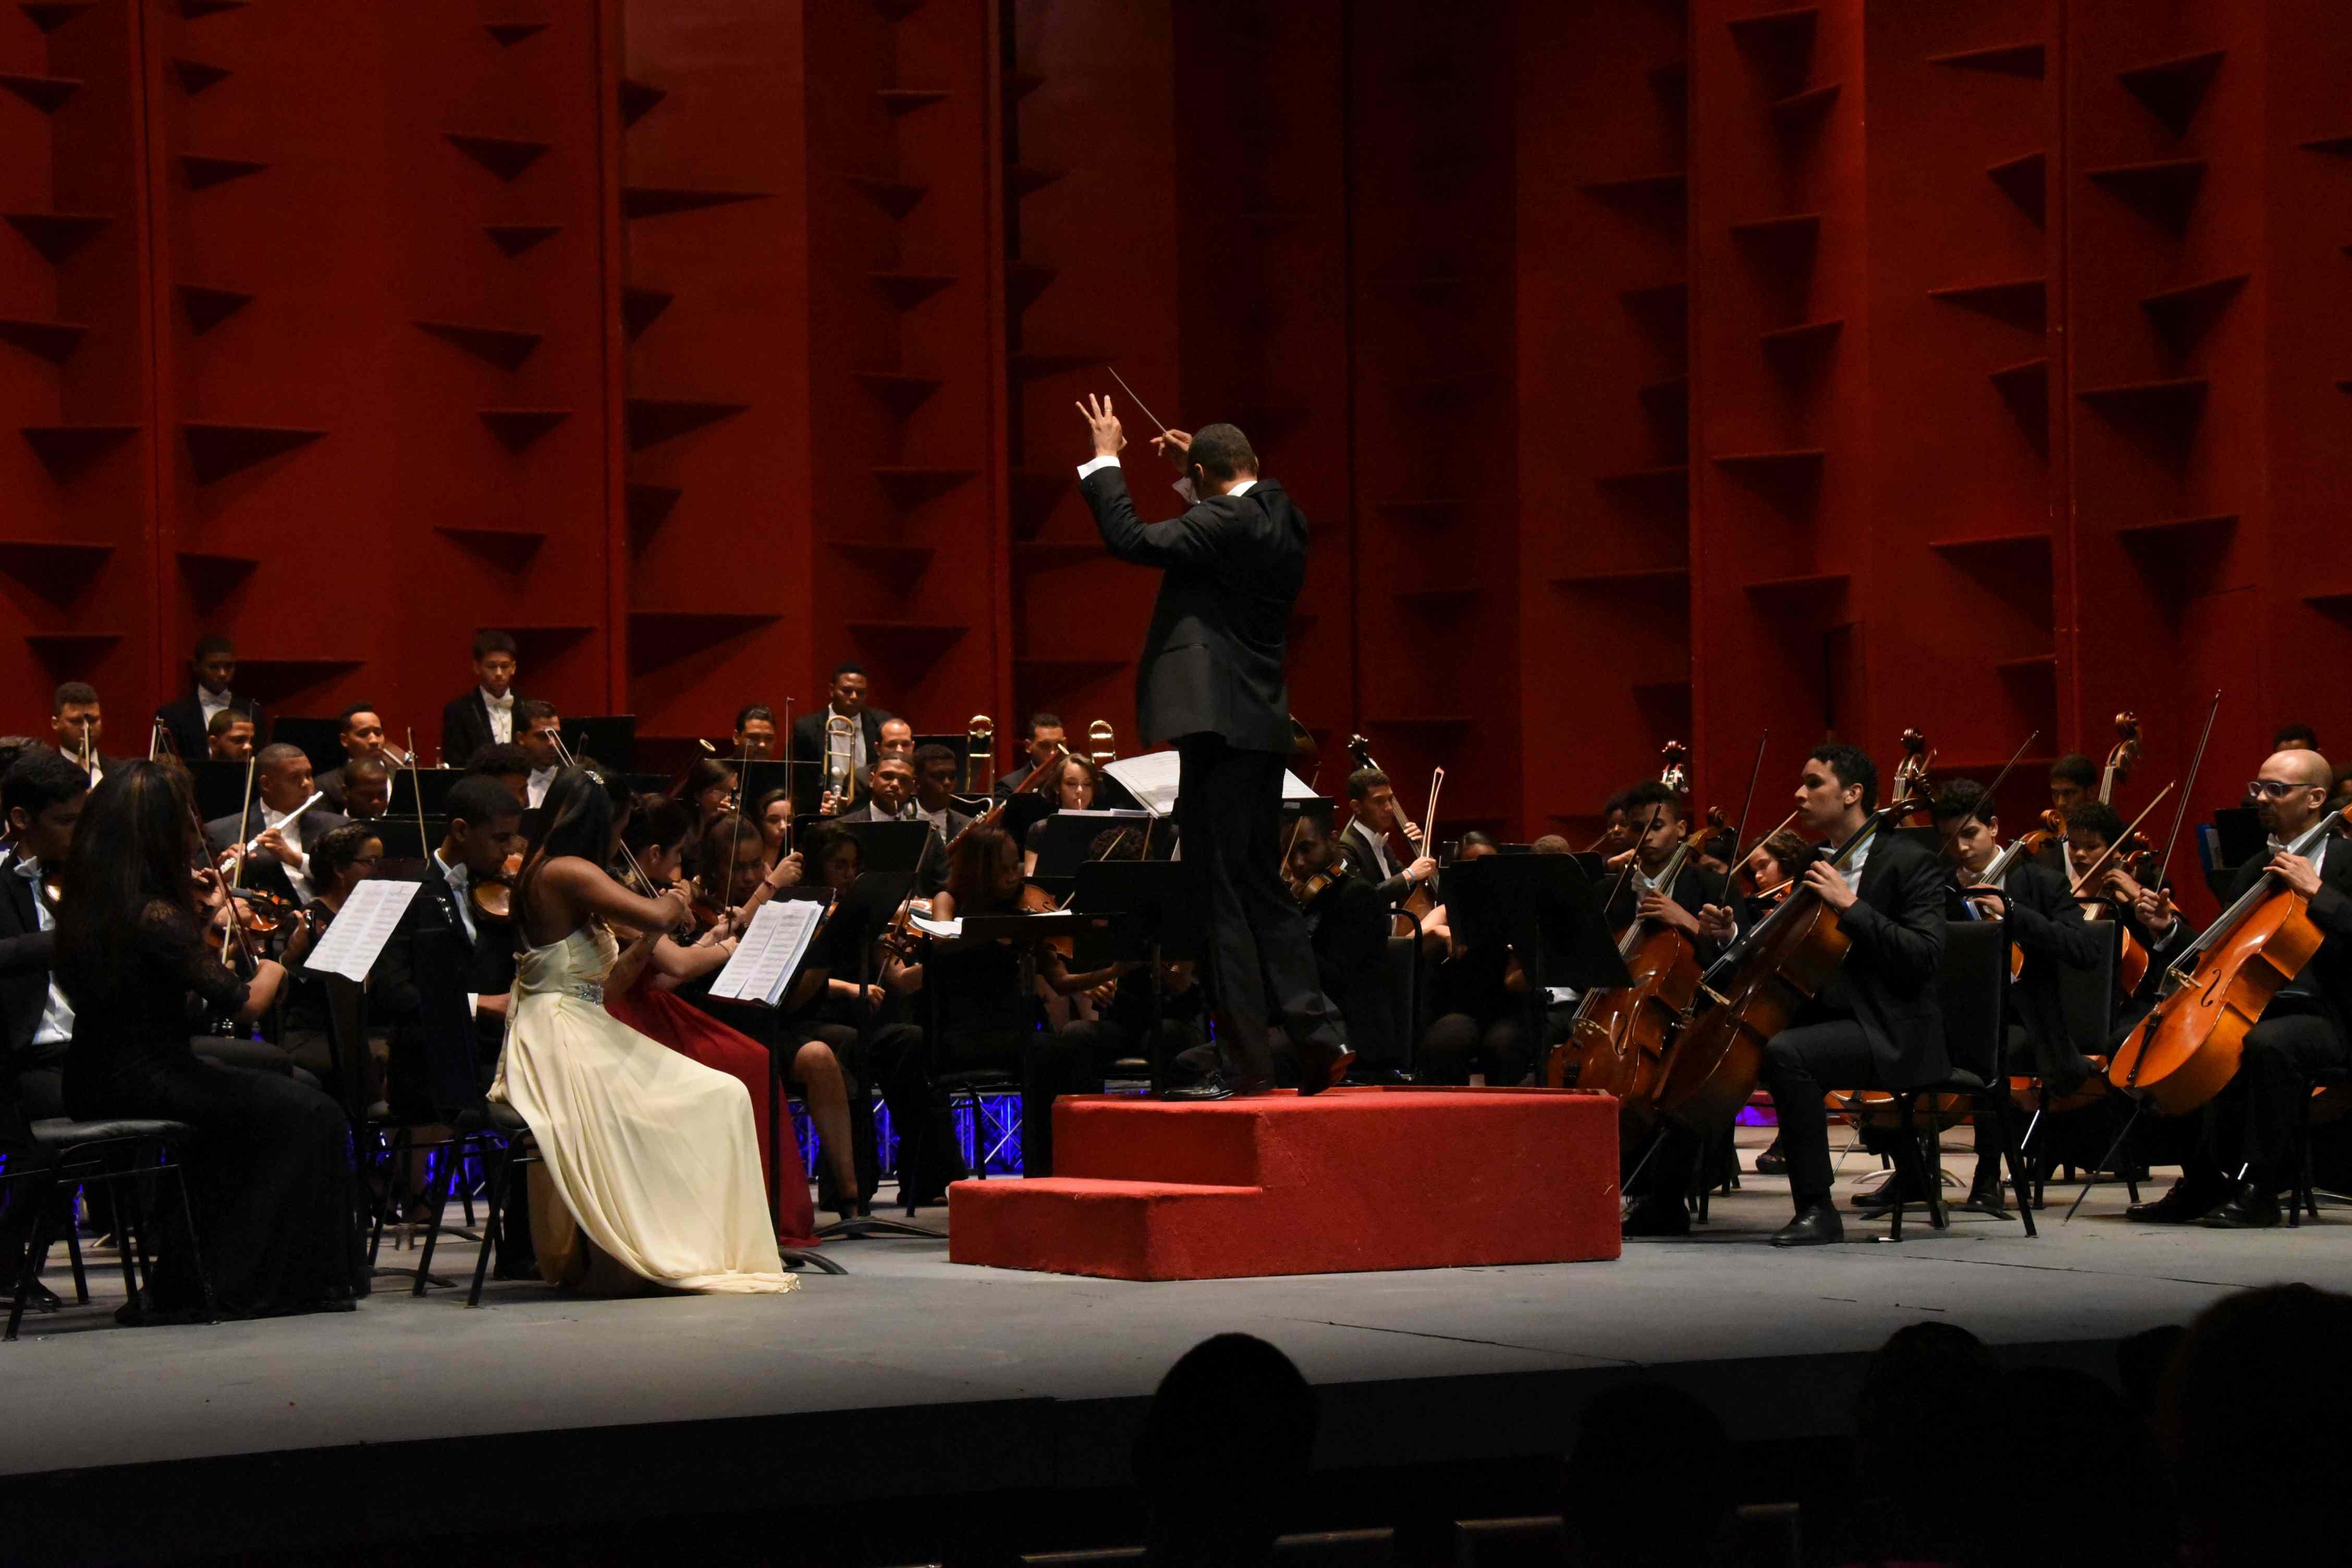 Orquesta Sinfónica Nacional Juvenil inicia temporada de conciertos 2018